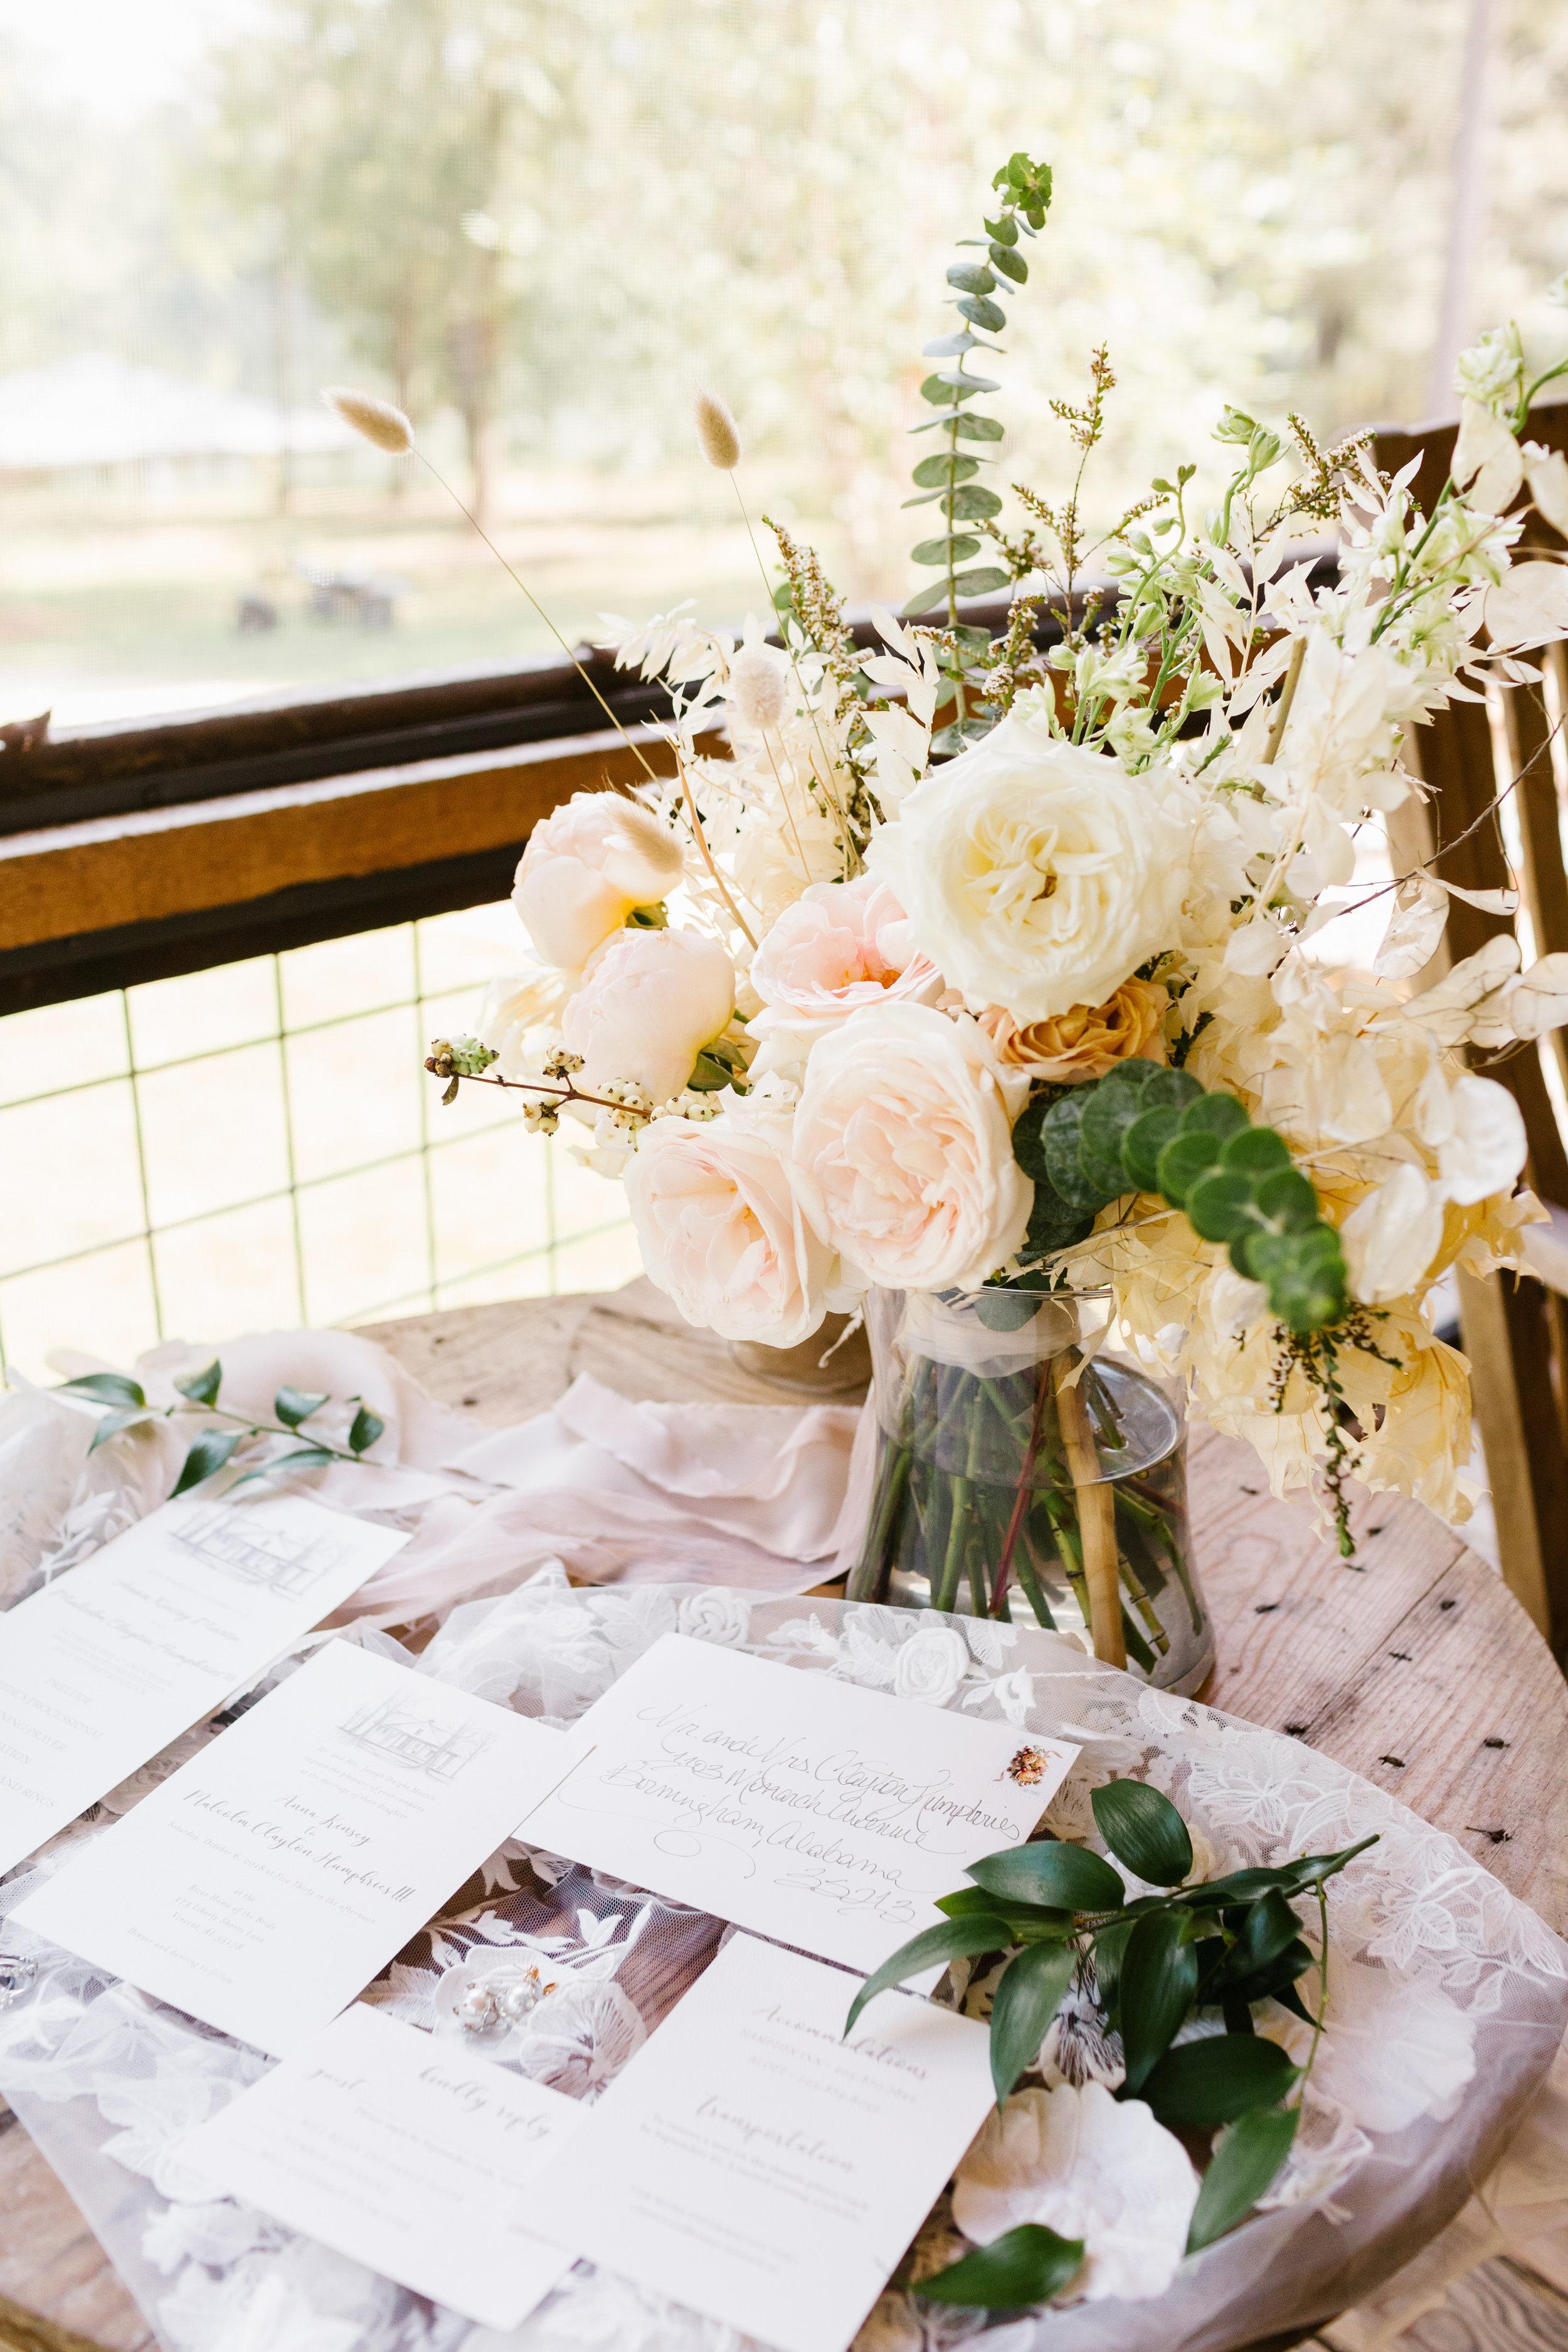 01_Bride Getting Ready_028.jpg